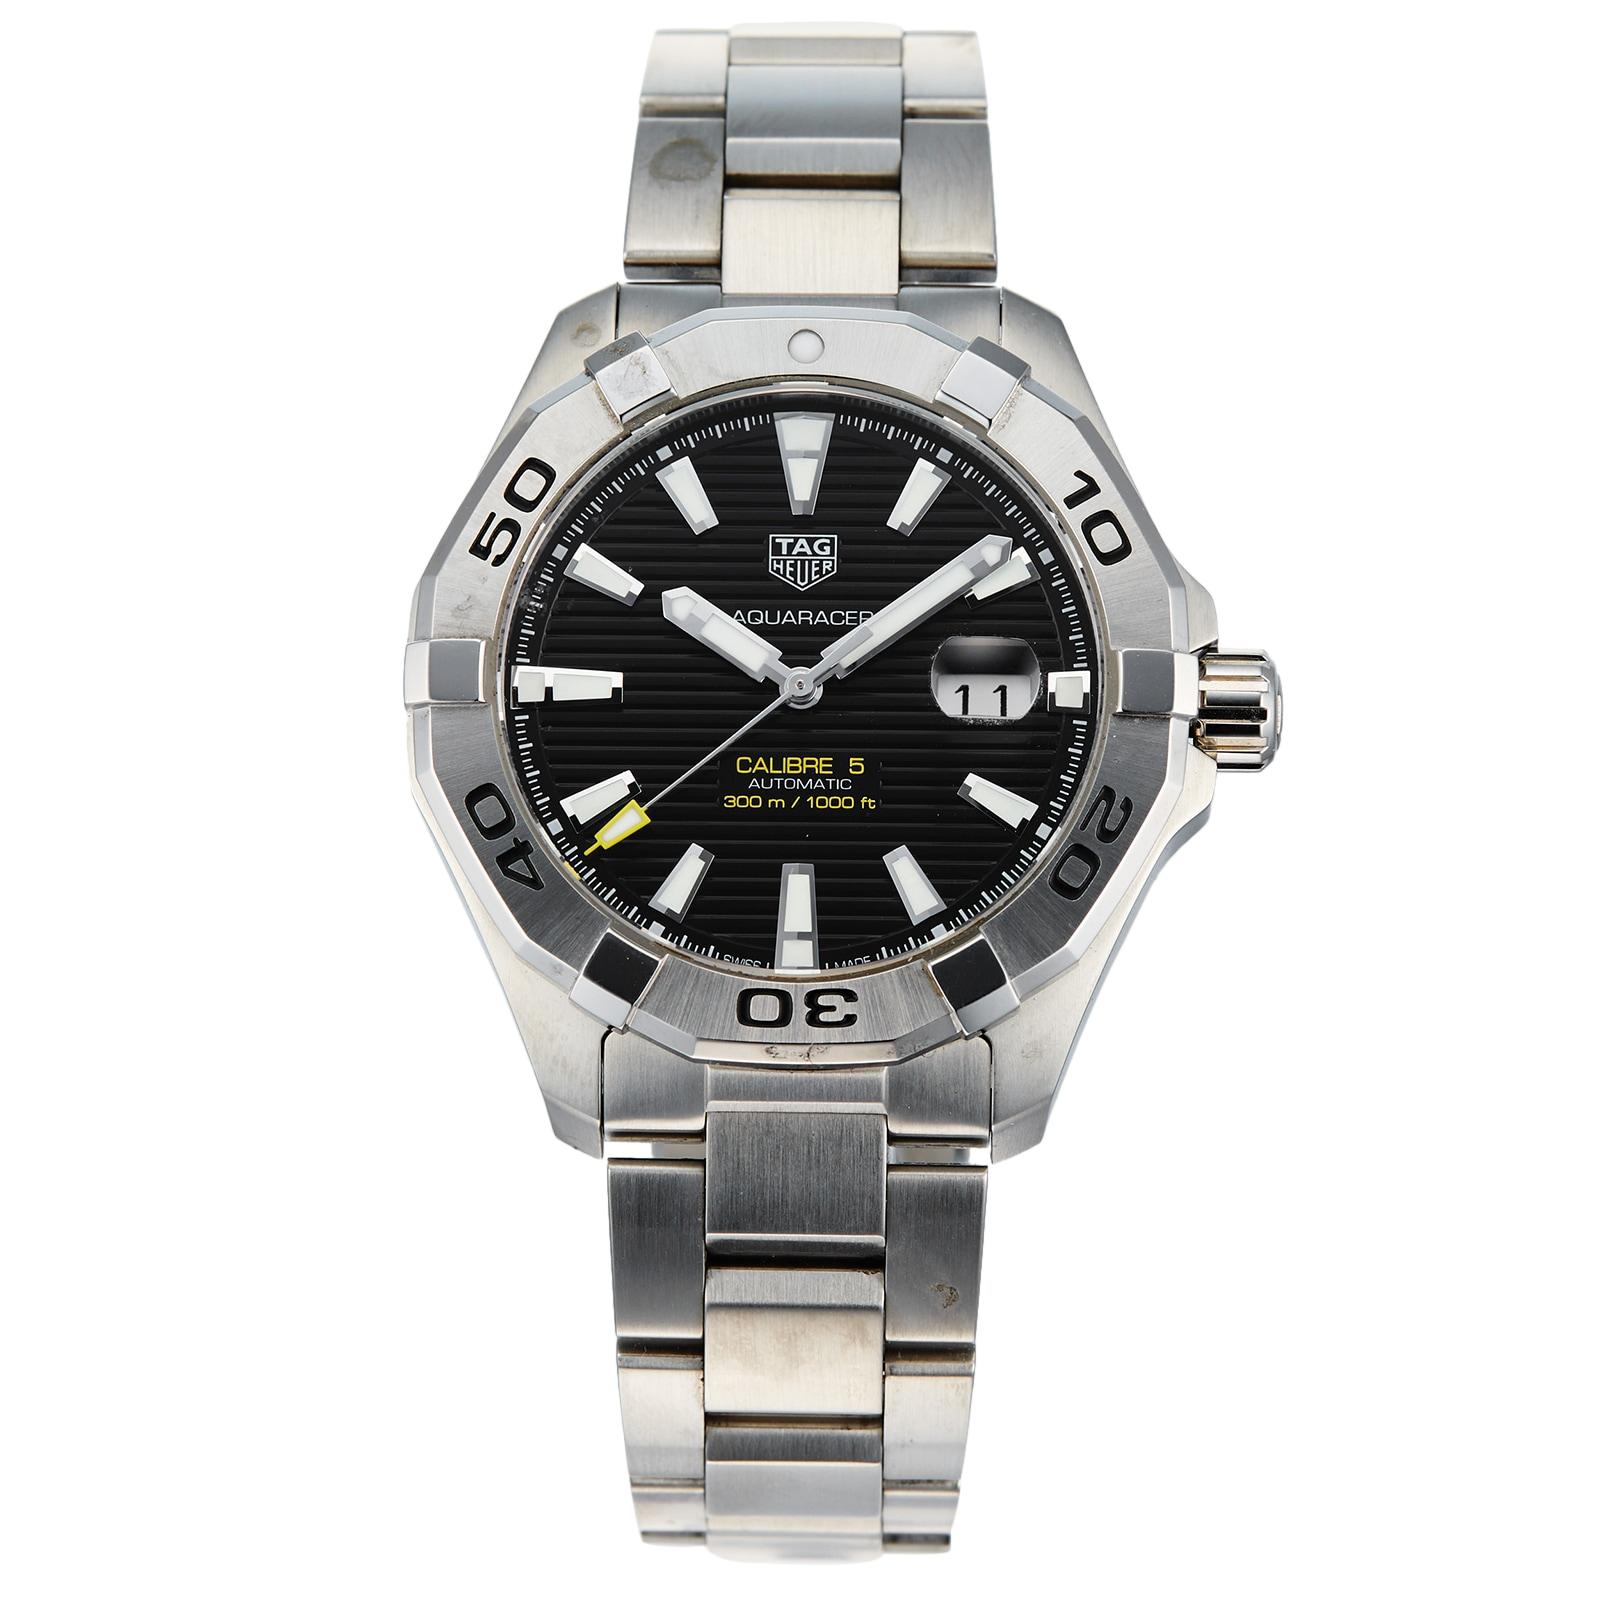 Aquaracer Calibre 5 Mens Watch